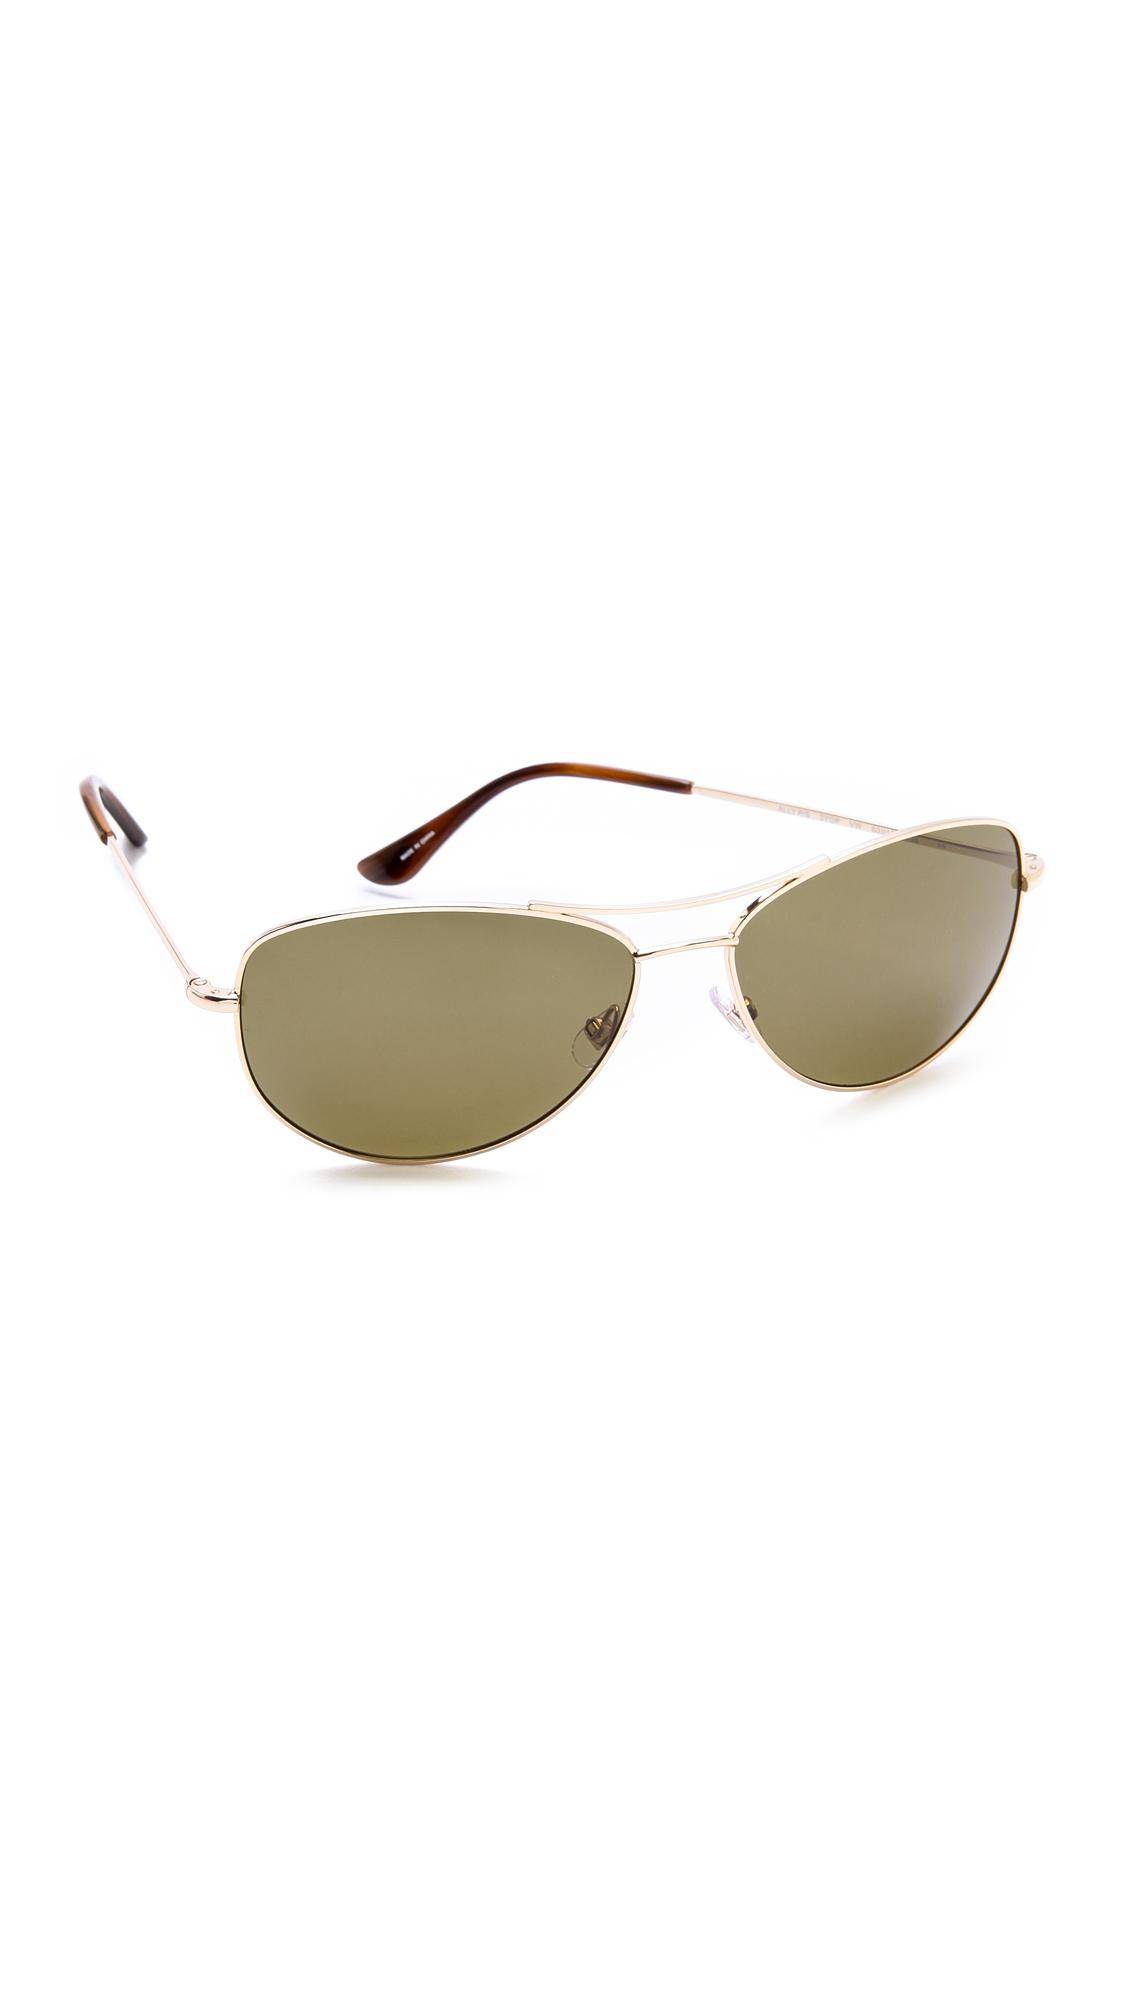 Kate Spade Polarized Aviator Sunglasses  kate spade new york ally polarized sunglasses gold dark brown in